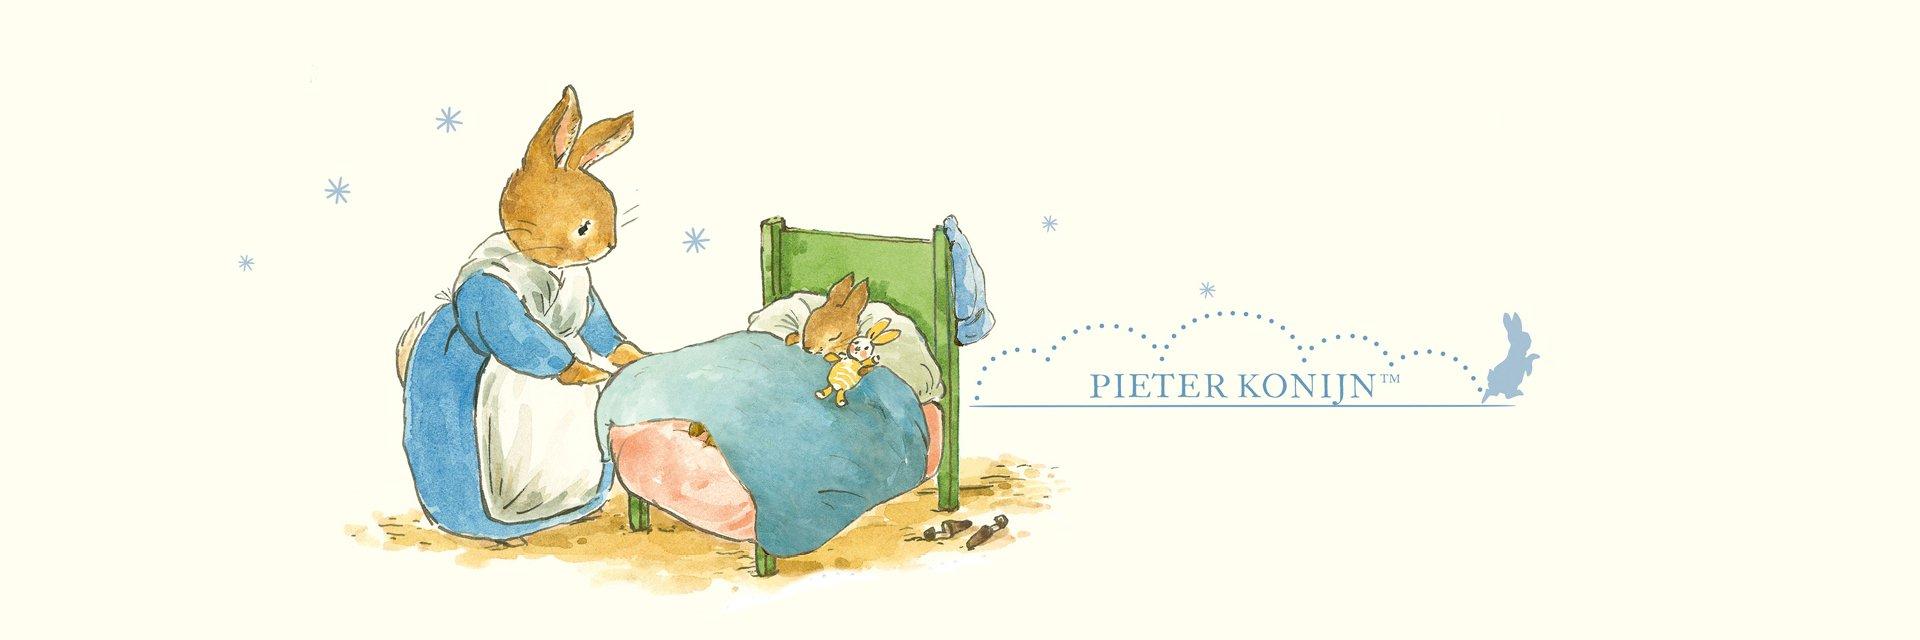 Pieter Konijn - Beatrix Potter